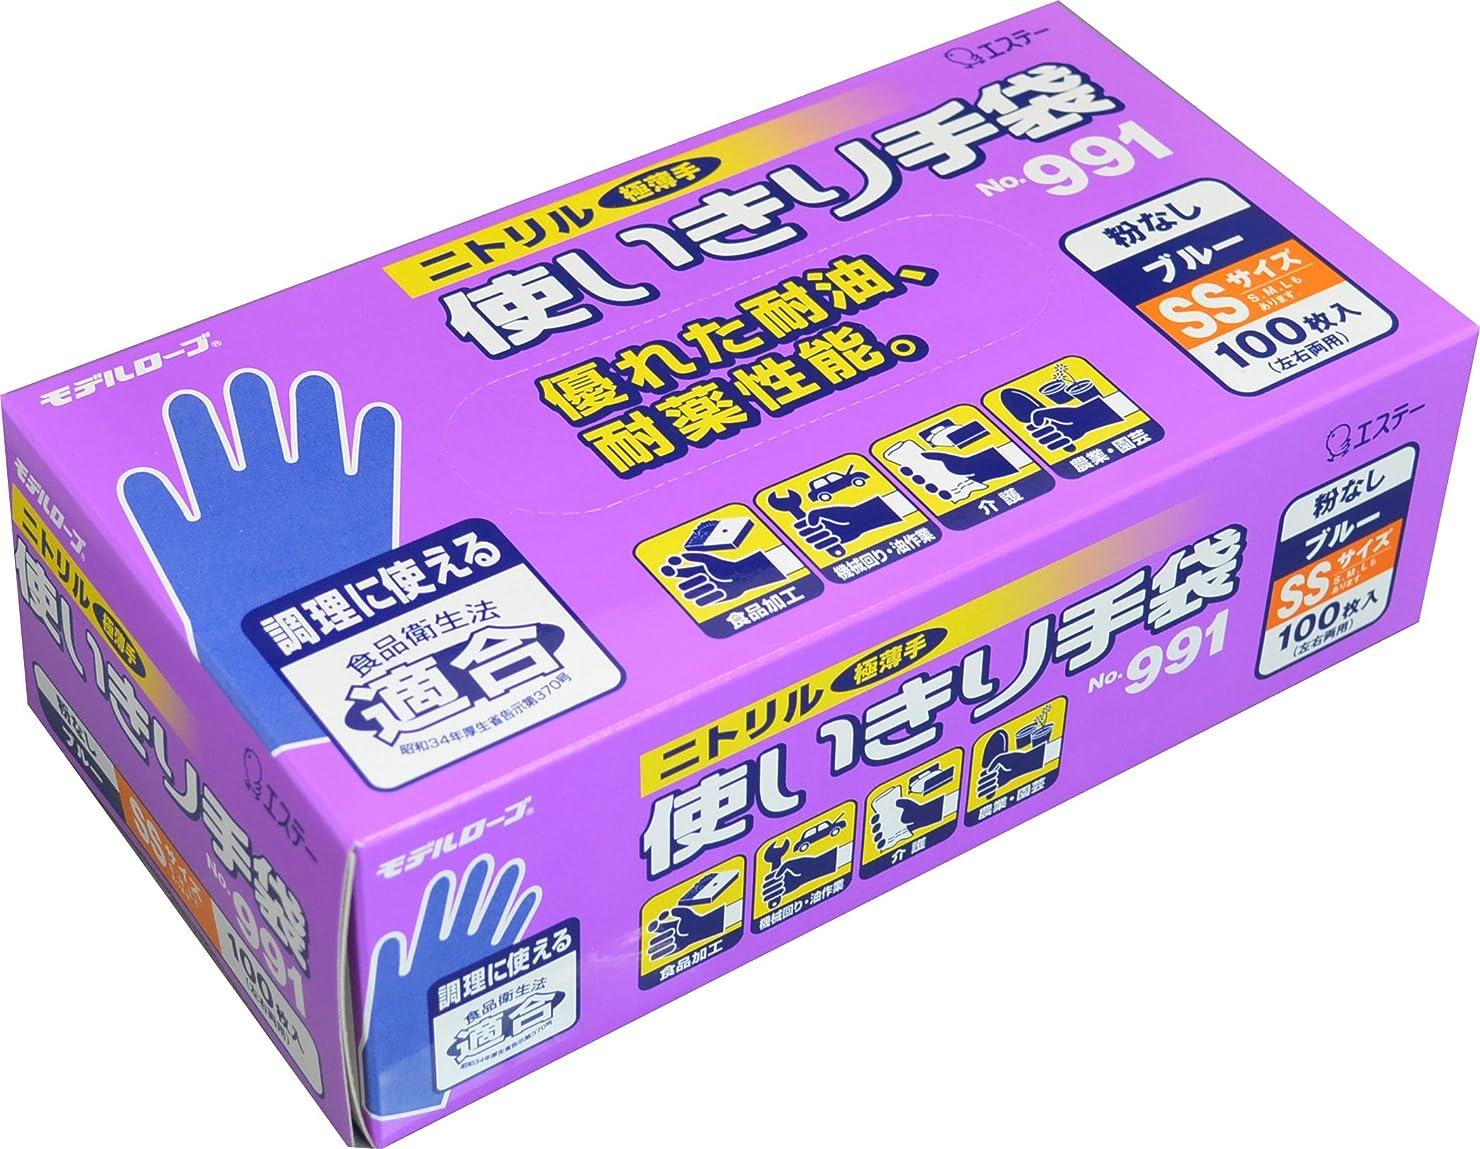 価値リングレット社会科モデルローブ NO991 ニトリル使い切り手袋 100枚 ブルー SS